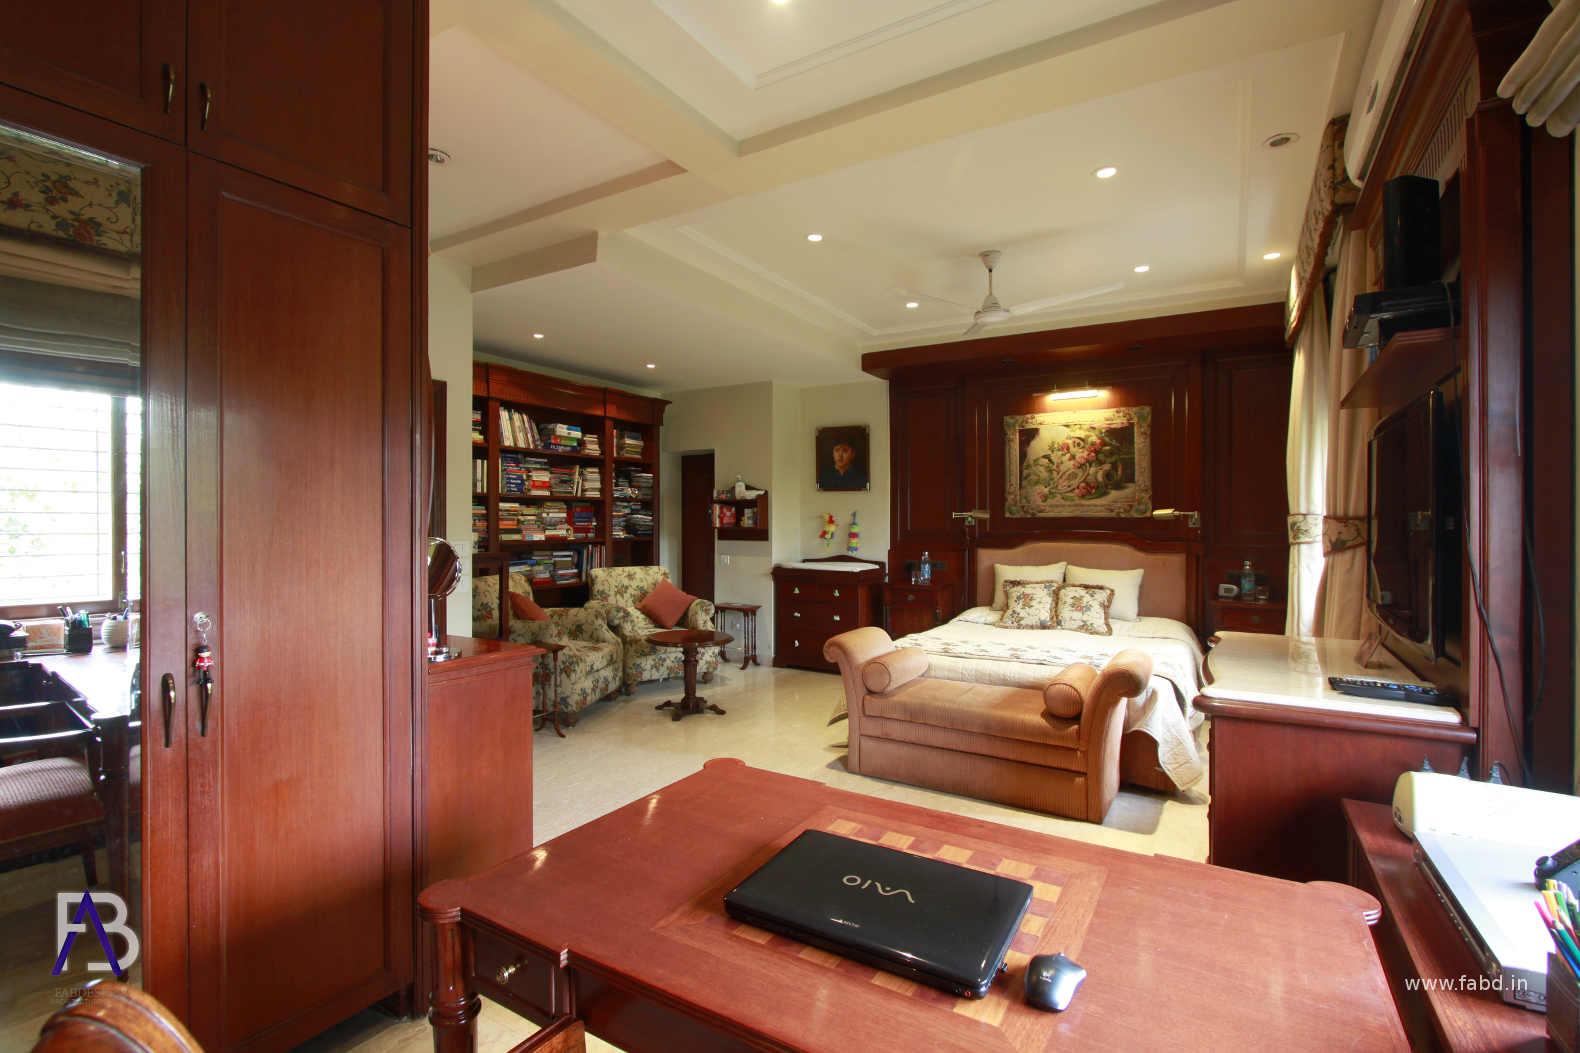 Bedroom-cum-study Area View 01